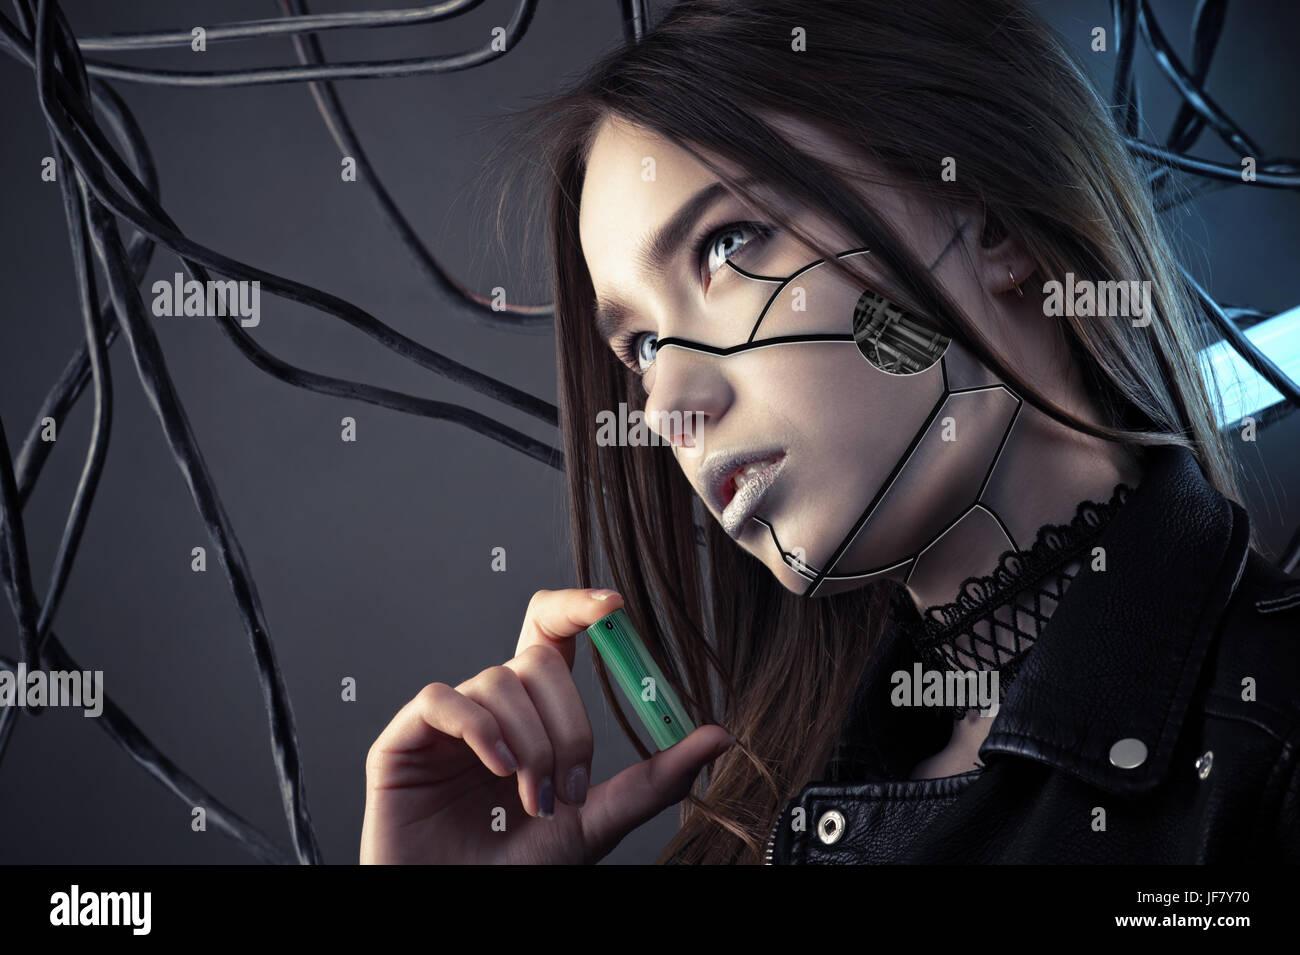 Charmante fille robot style cyberpunk avec un miroir en main, batterie tenant d'économies d'énergie Photo Stock